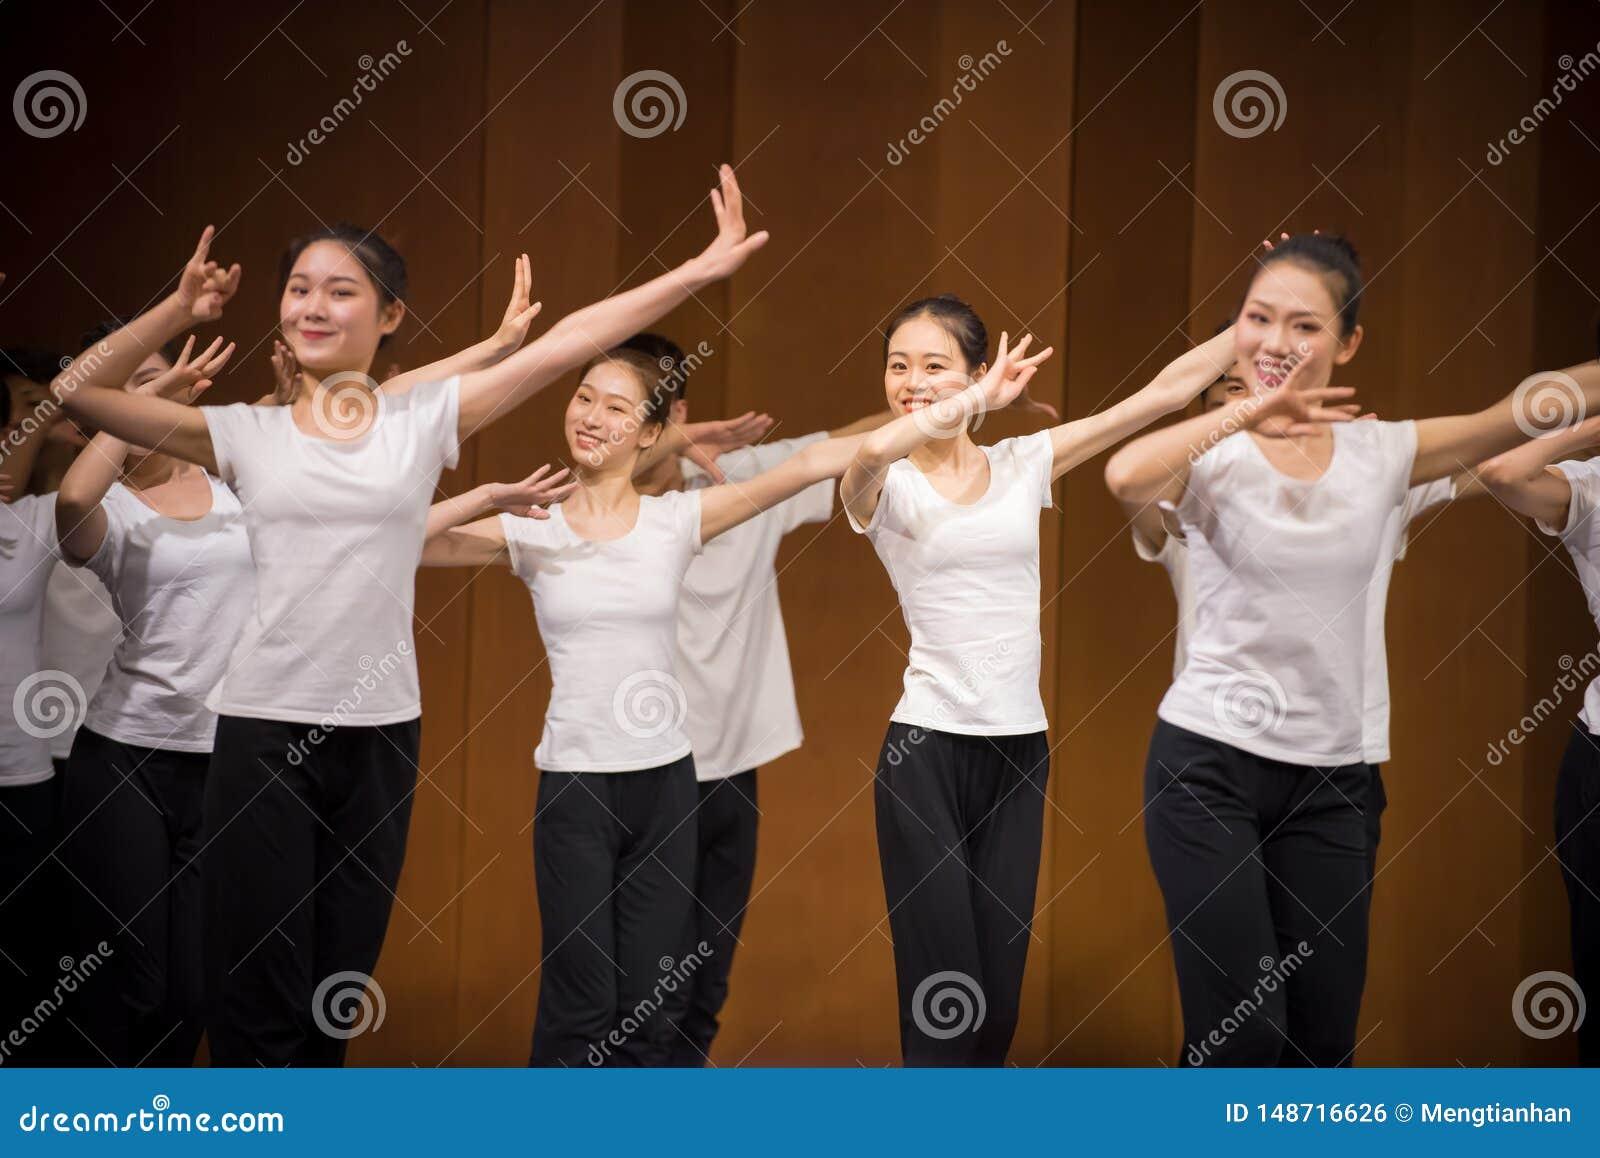 Позиция тренировки позиции танца руки 4-National